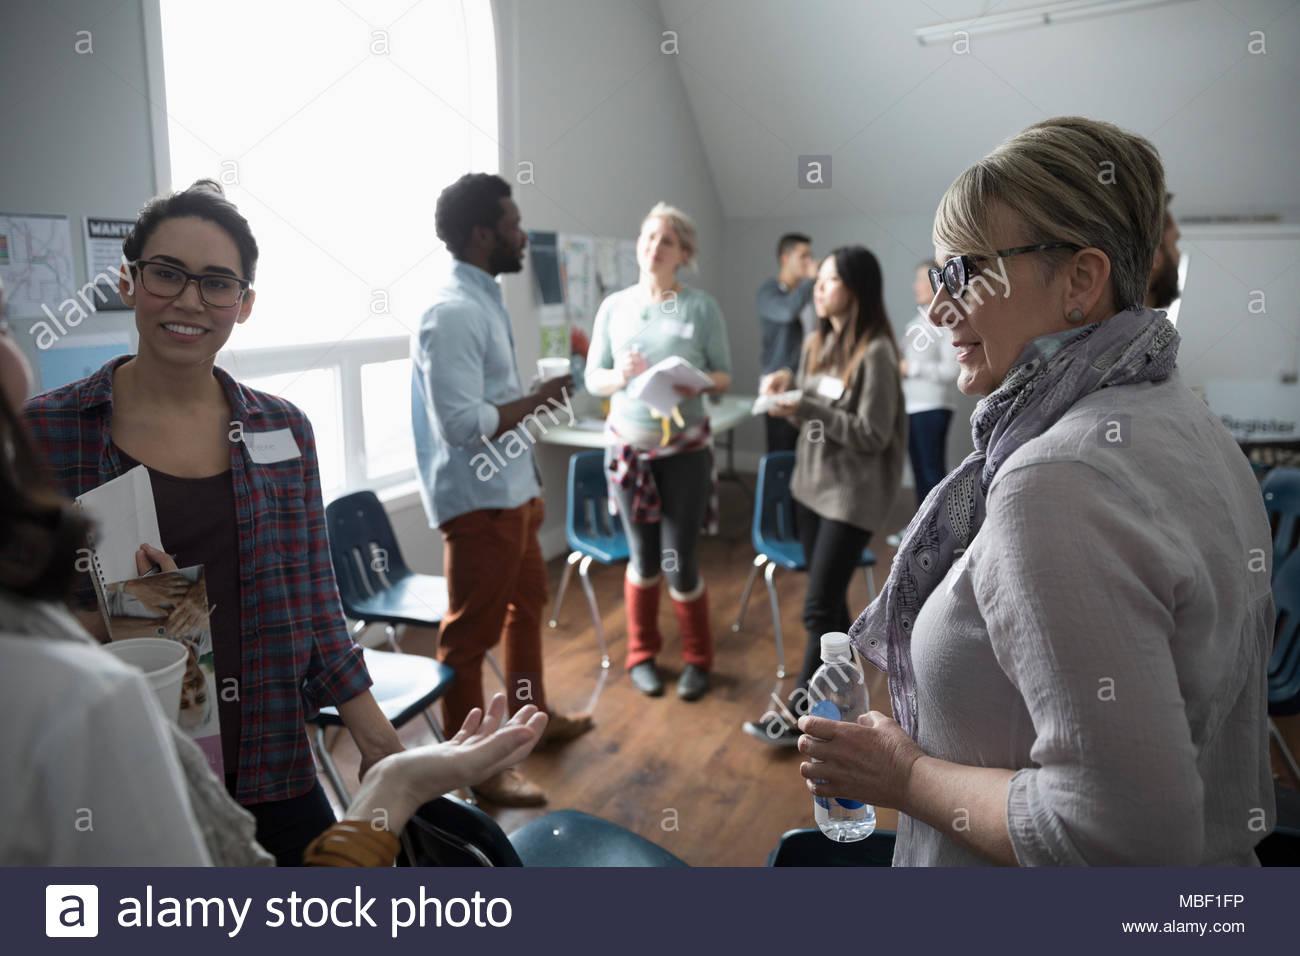 Grupo De Apoyo Para Mujeres Hablando Durante La Pausa Para